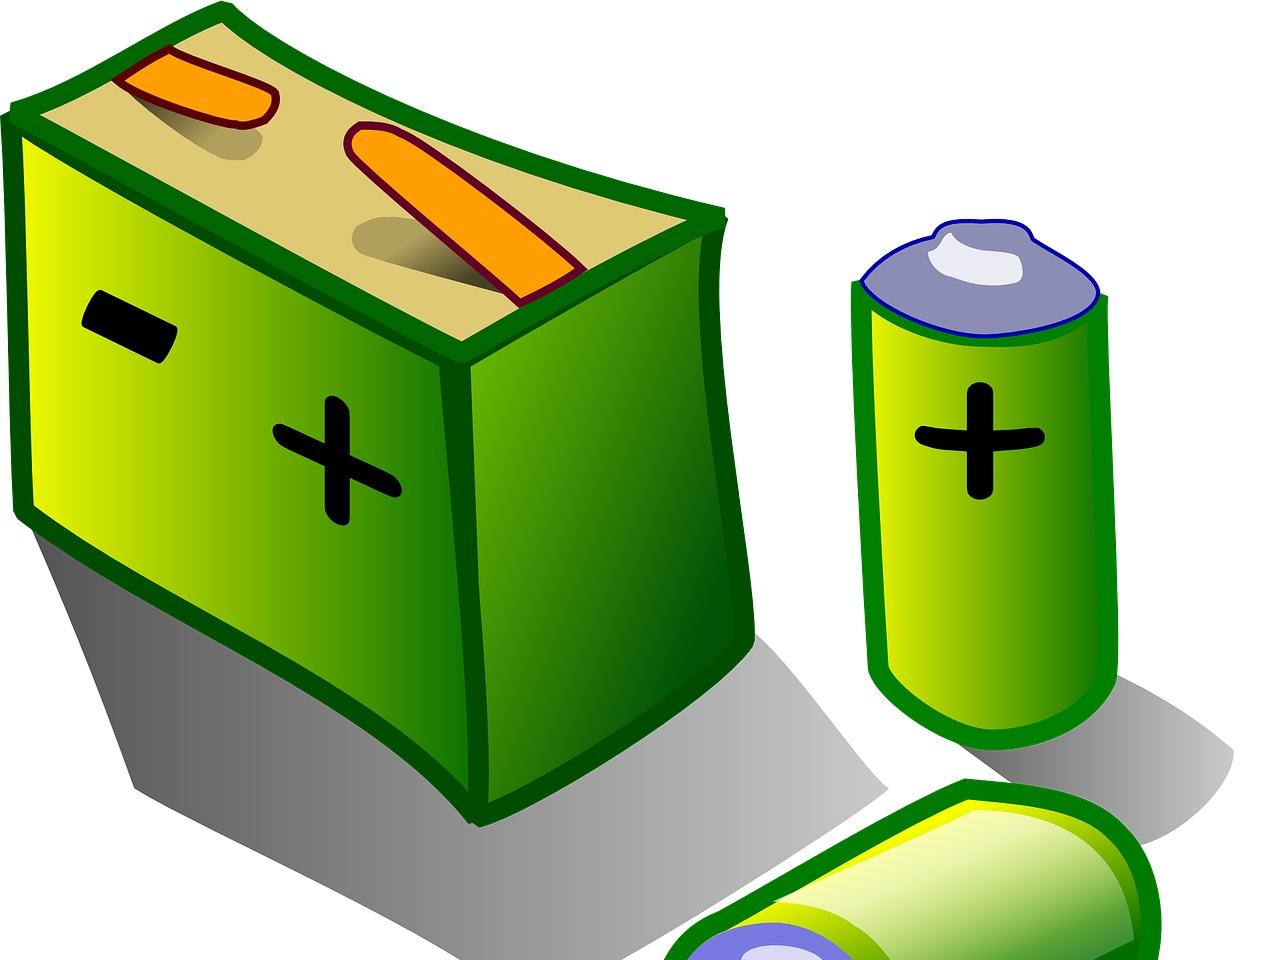 Del 3: Energilagring - Hva er status for lagringsteknologier, og hva kan vi forvente oss?